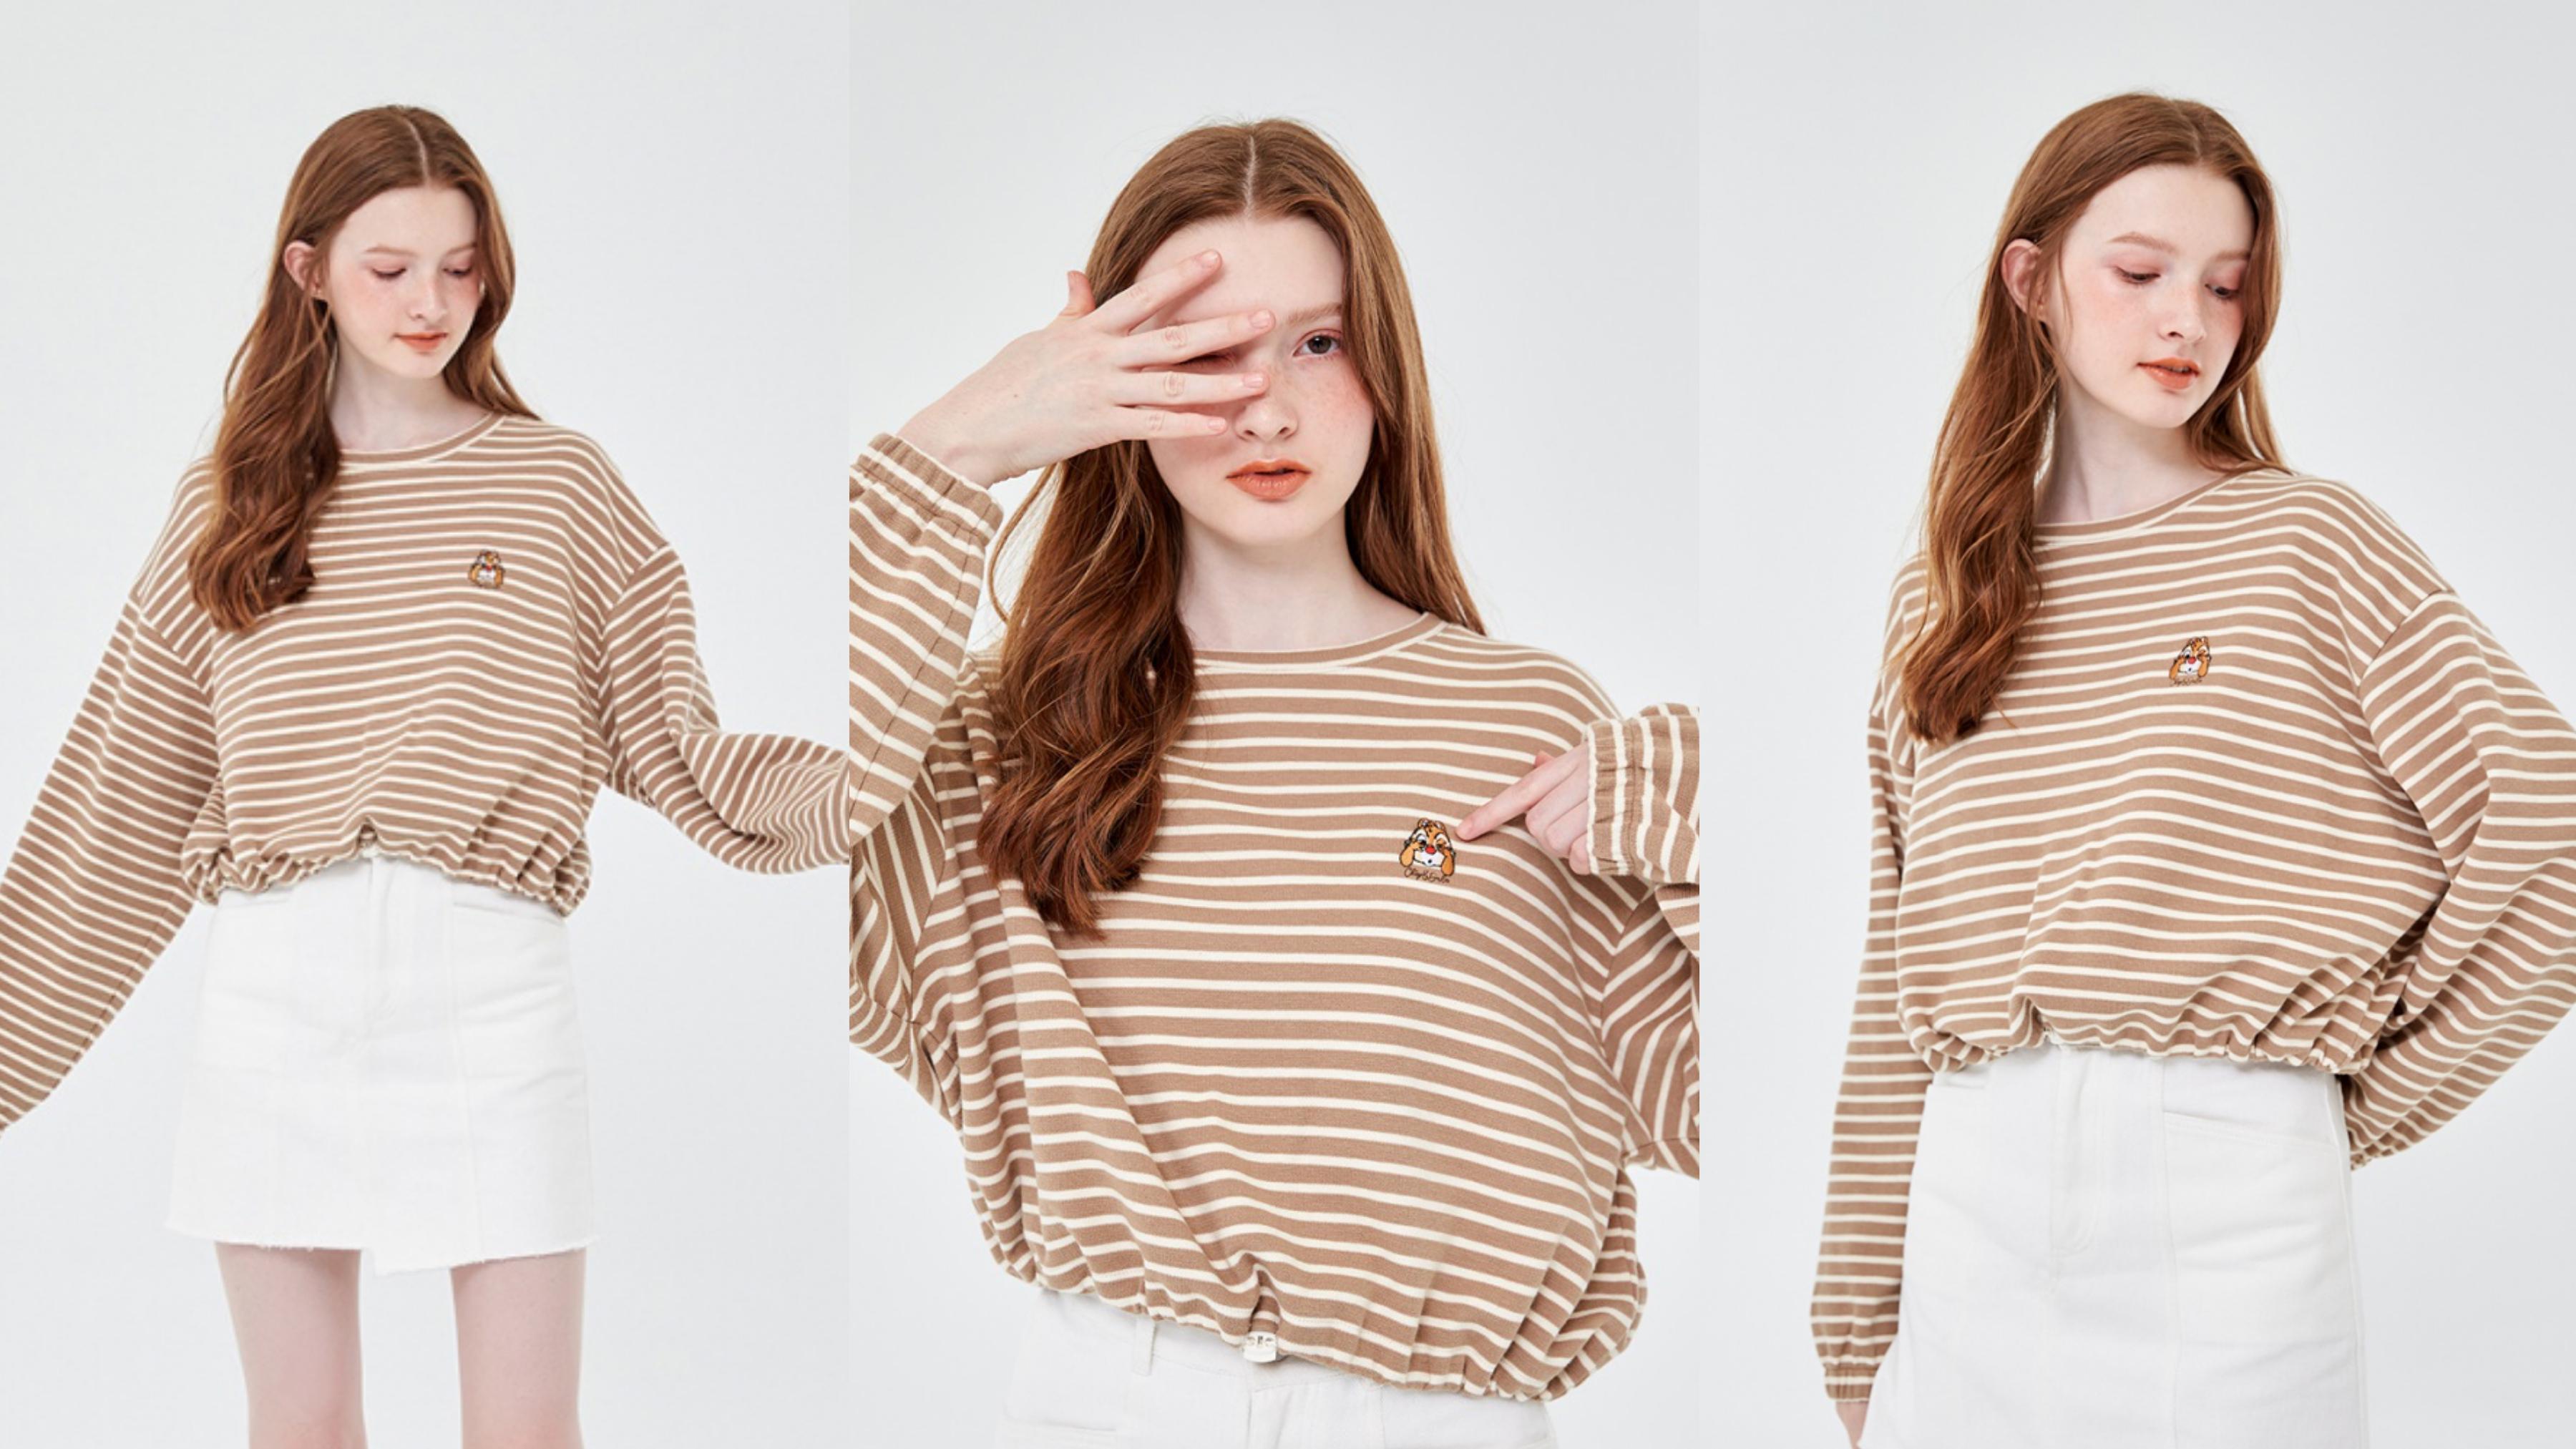 落肩澎澎感抽繩設計的條紋上衣,穿上好顯瘦好修身,而受歡迎的奶茶色,展現出溫柔小姐姐的氣質,